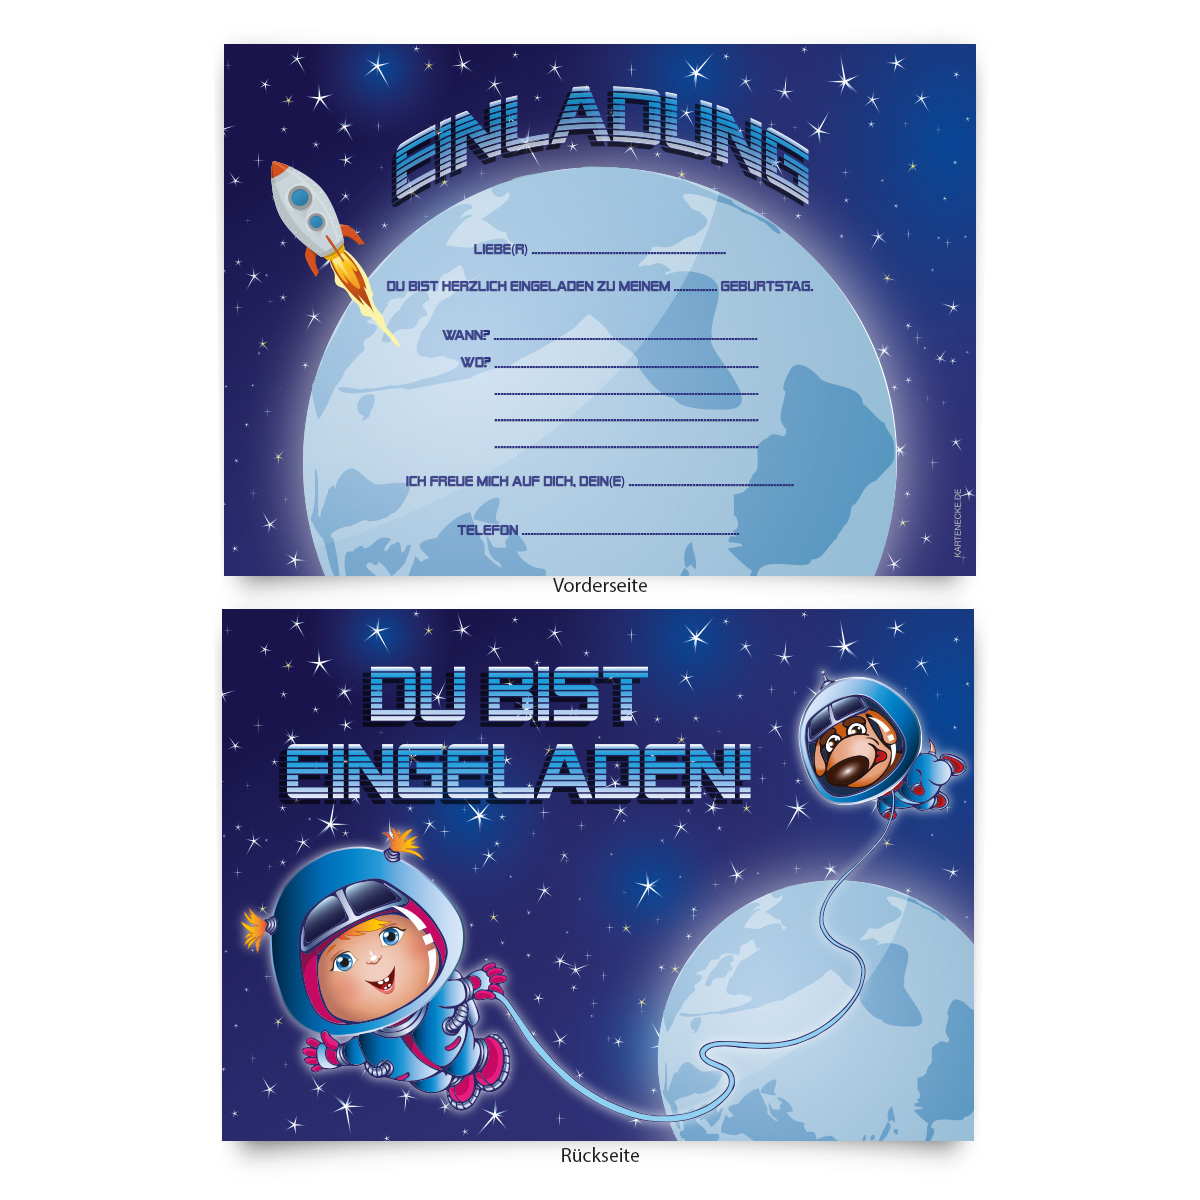 Einladungskarten (8 Stück) Zum Ausfüllen Für Kindergeburtstag,  Einladungsentwurf